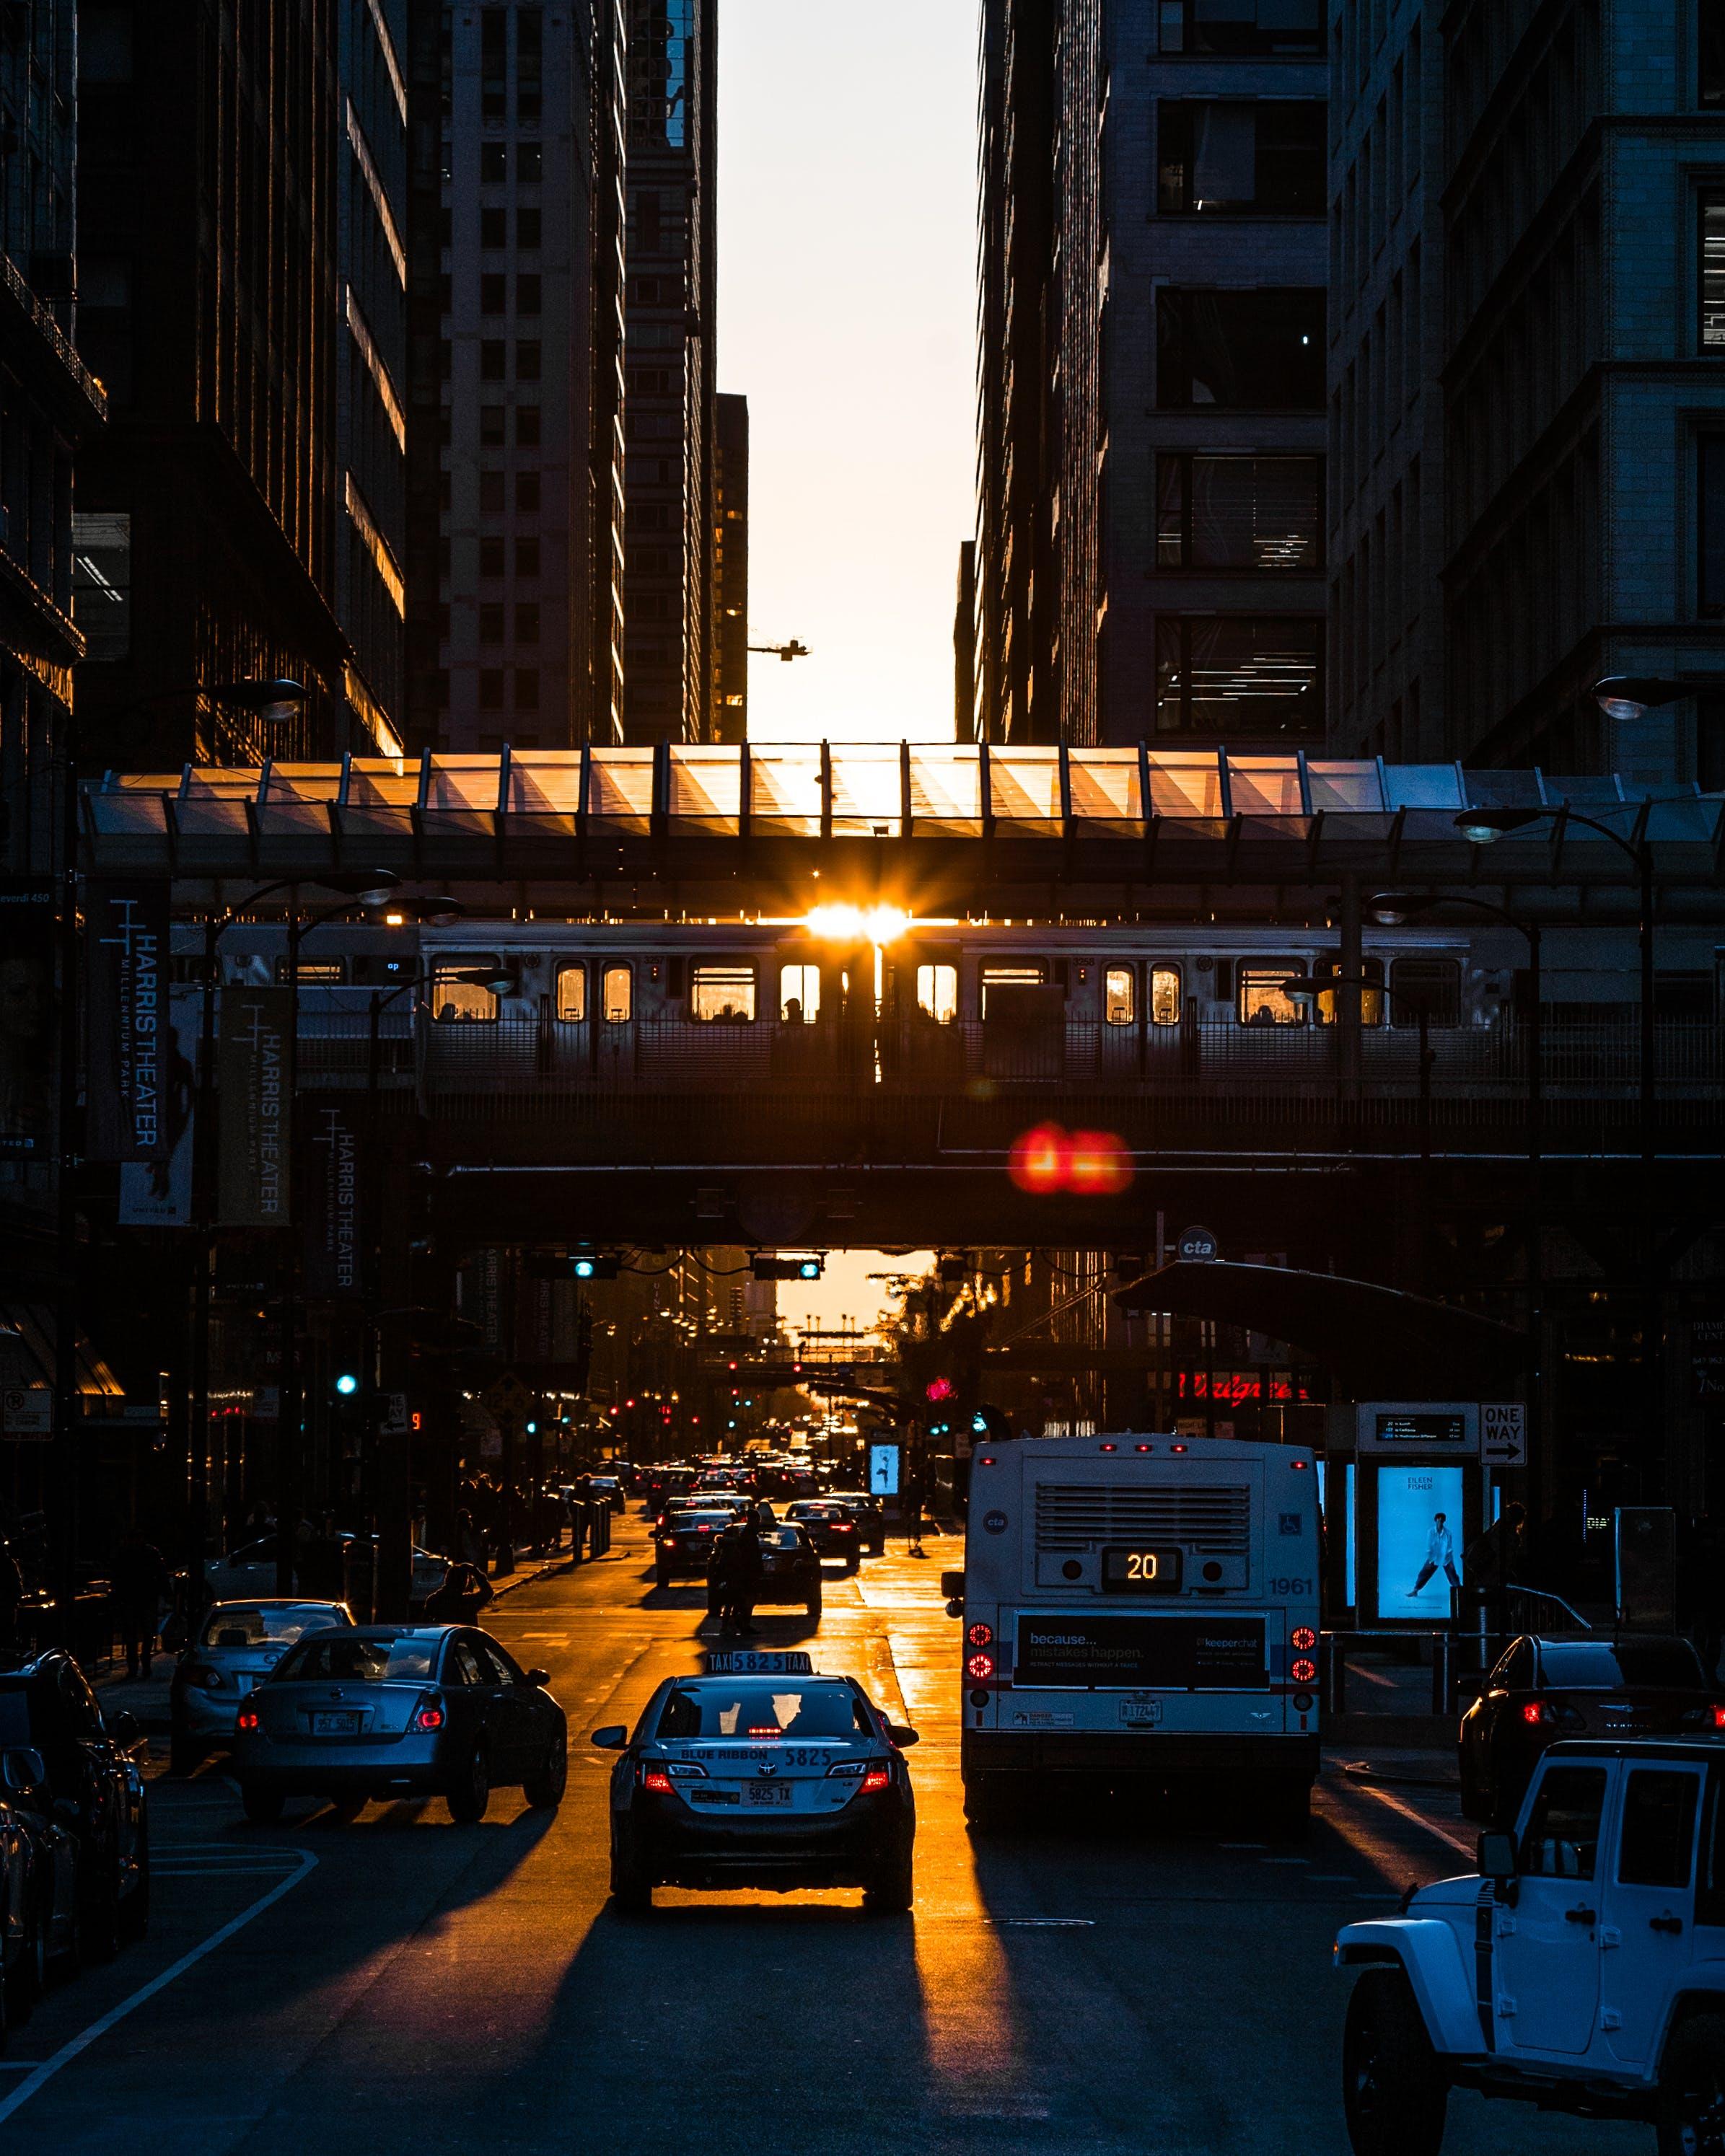 aften, arkitektur, bil